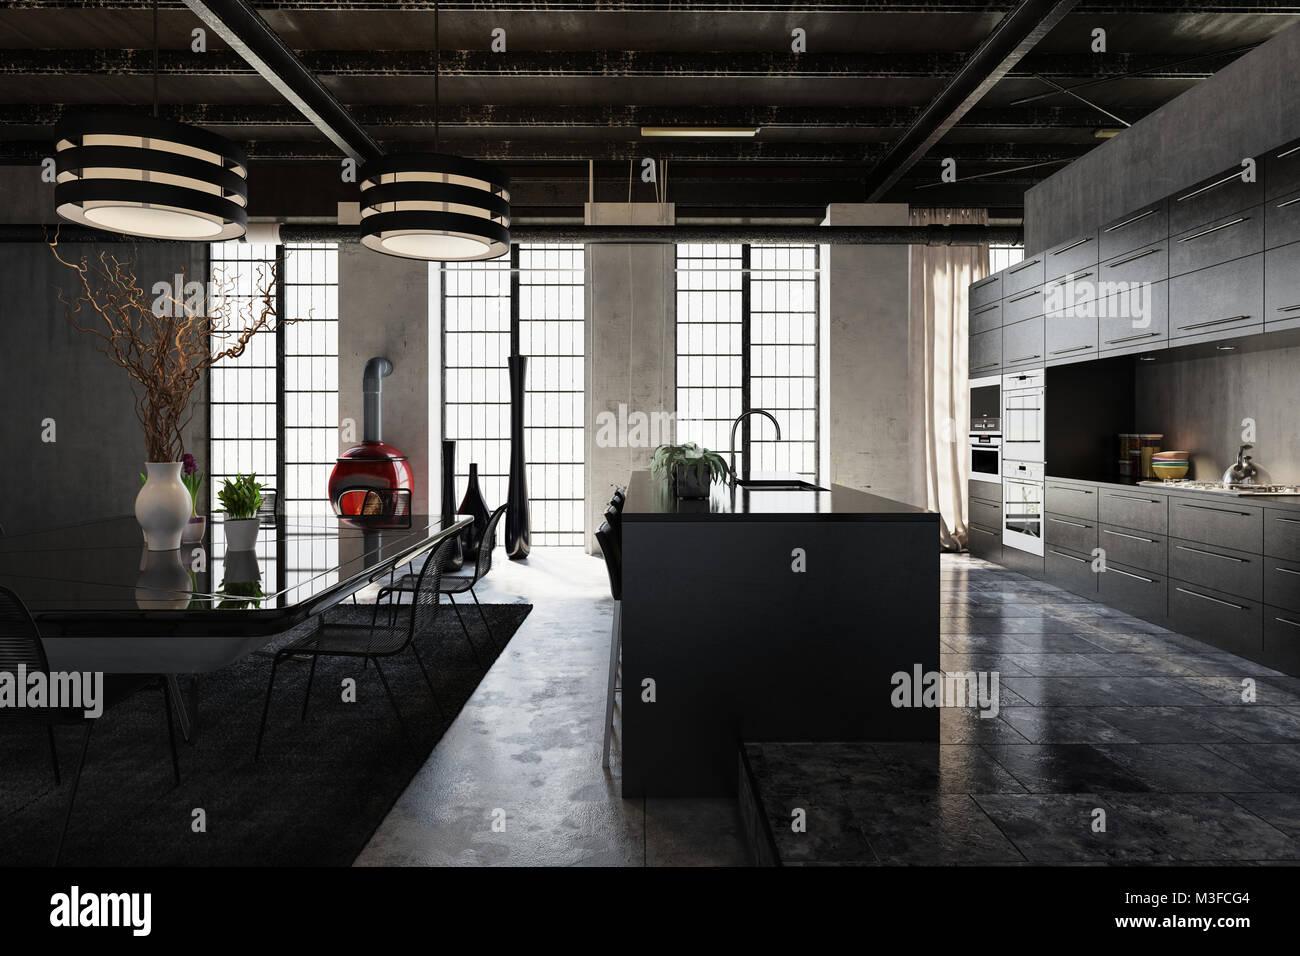 Spazioso E Moderno Loft Industriale La Conversione Con Elegante Cucina Attrezzata Con Bancone Bar E Una Zona Pranzo Separata Con Tavolo E Sedie Da Giardino Illuminato Da Foto Stock Alamy